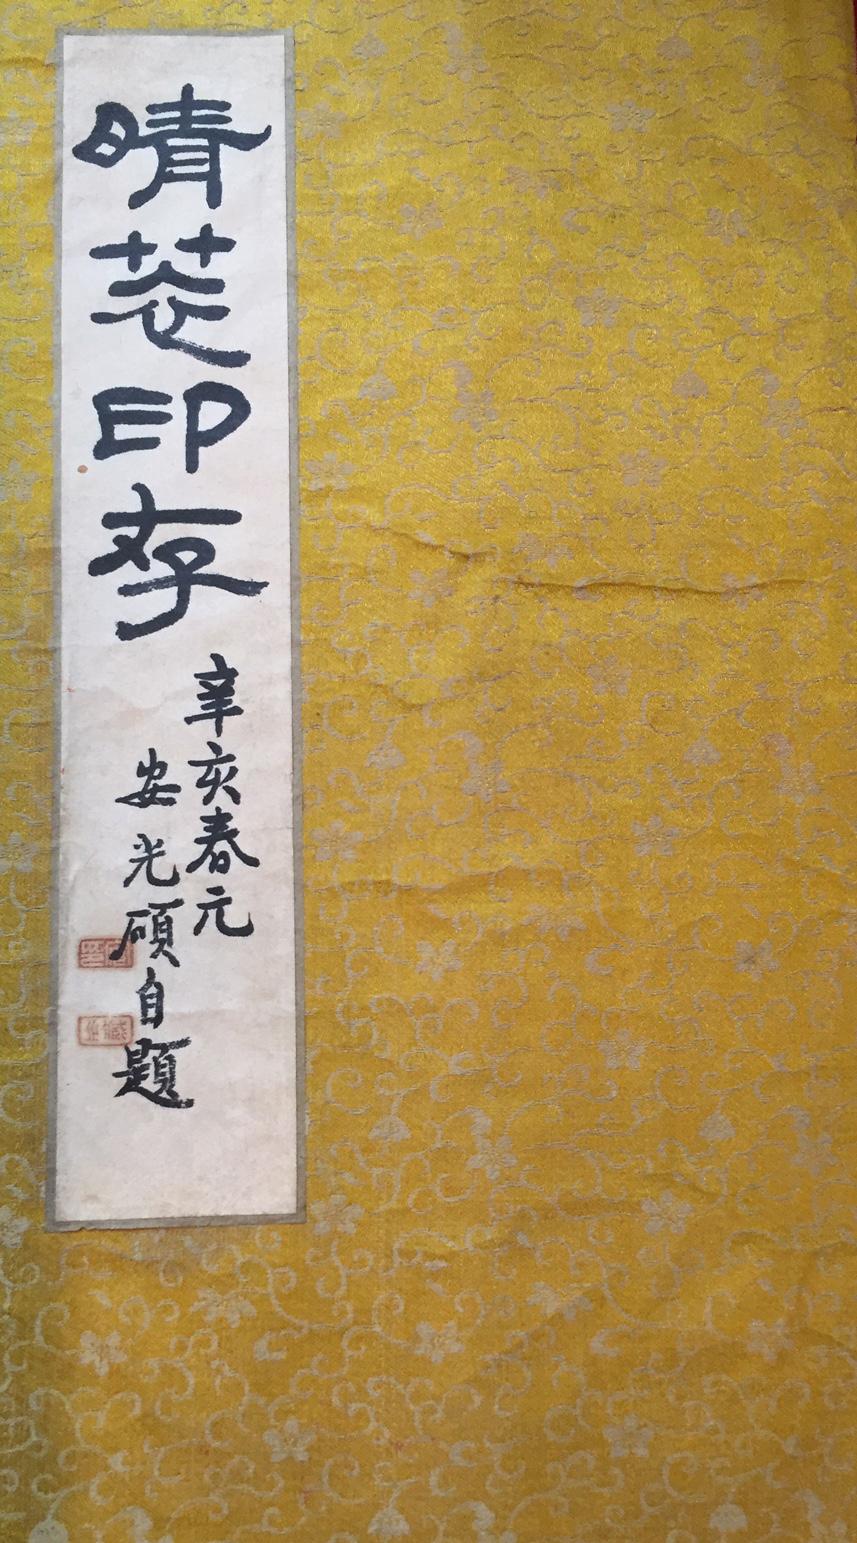 晴萃印存辛亥春元安光碩自題安印蔵之 [Cheong Sa In Con (Cheong Sa's seals)